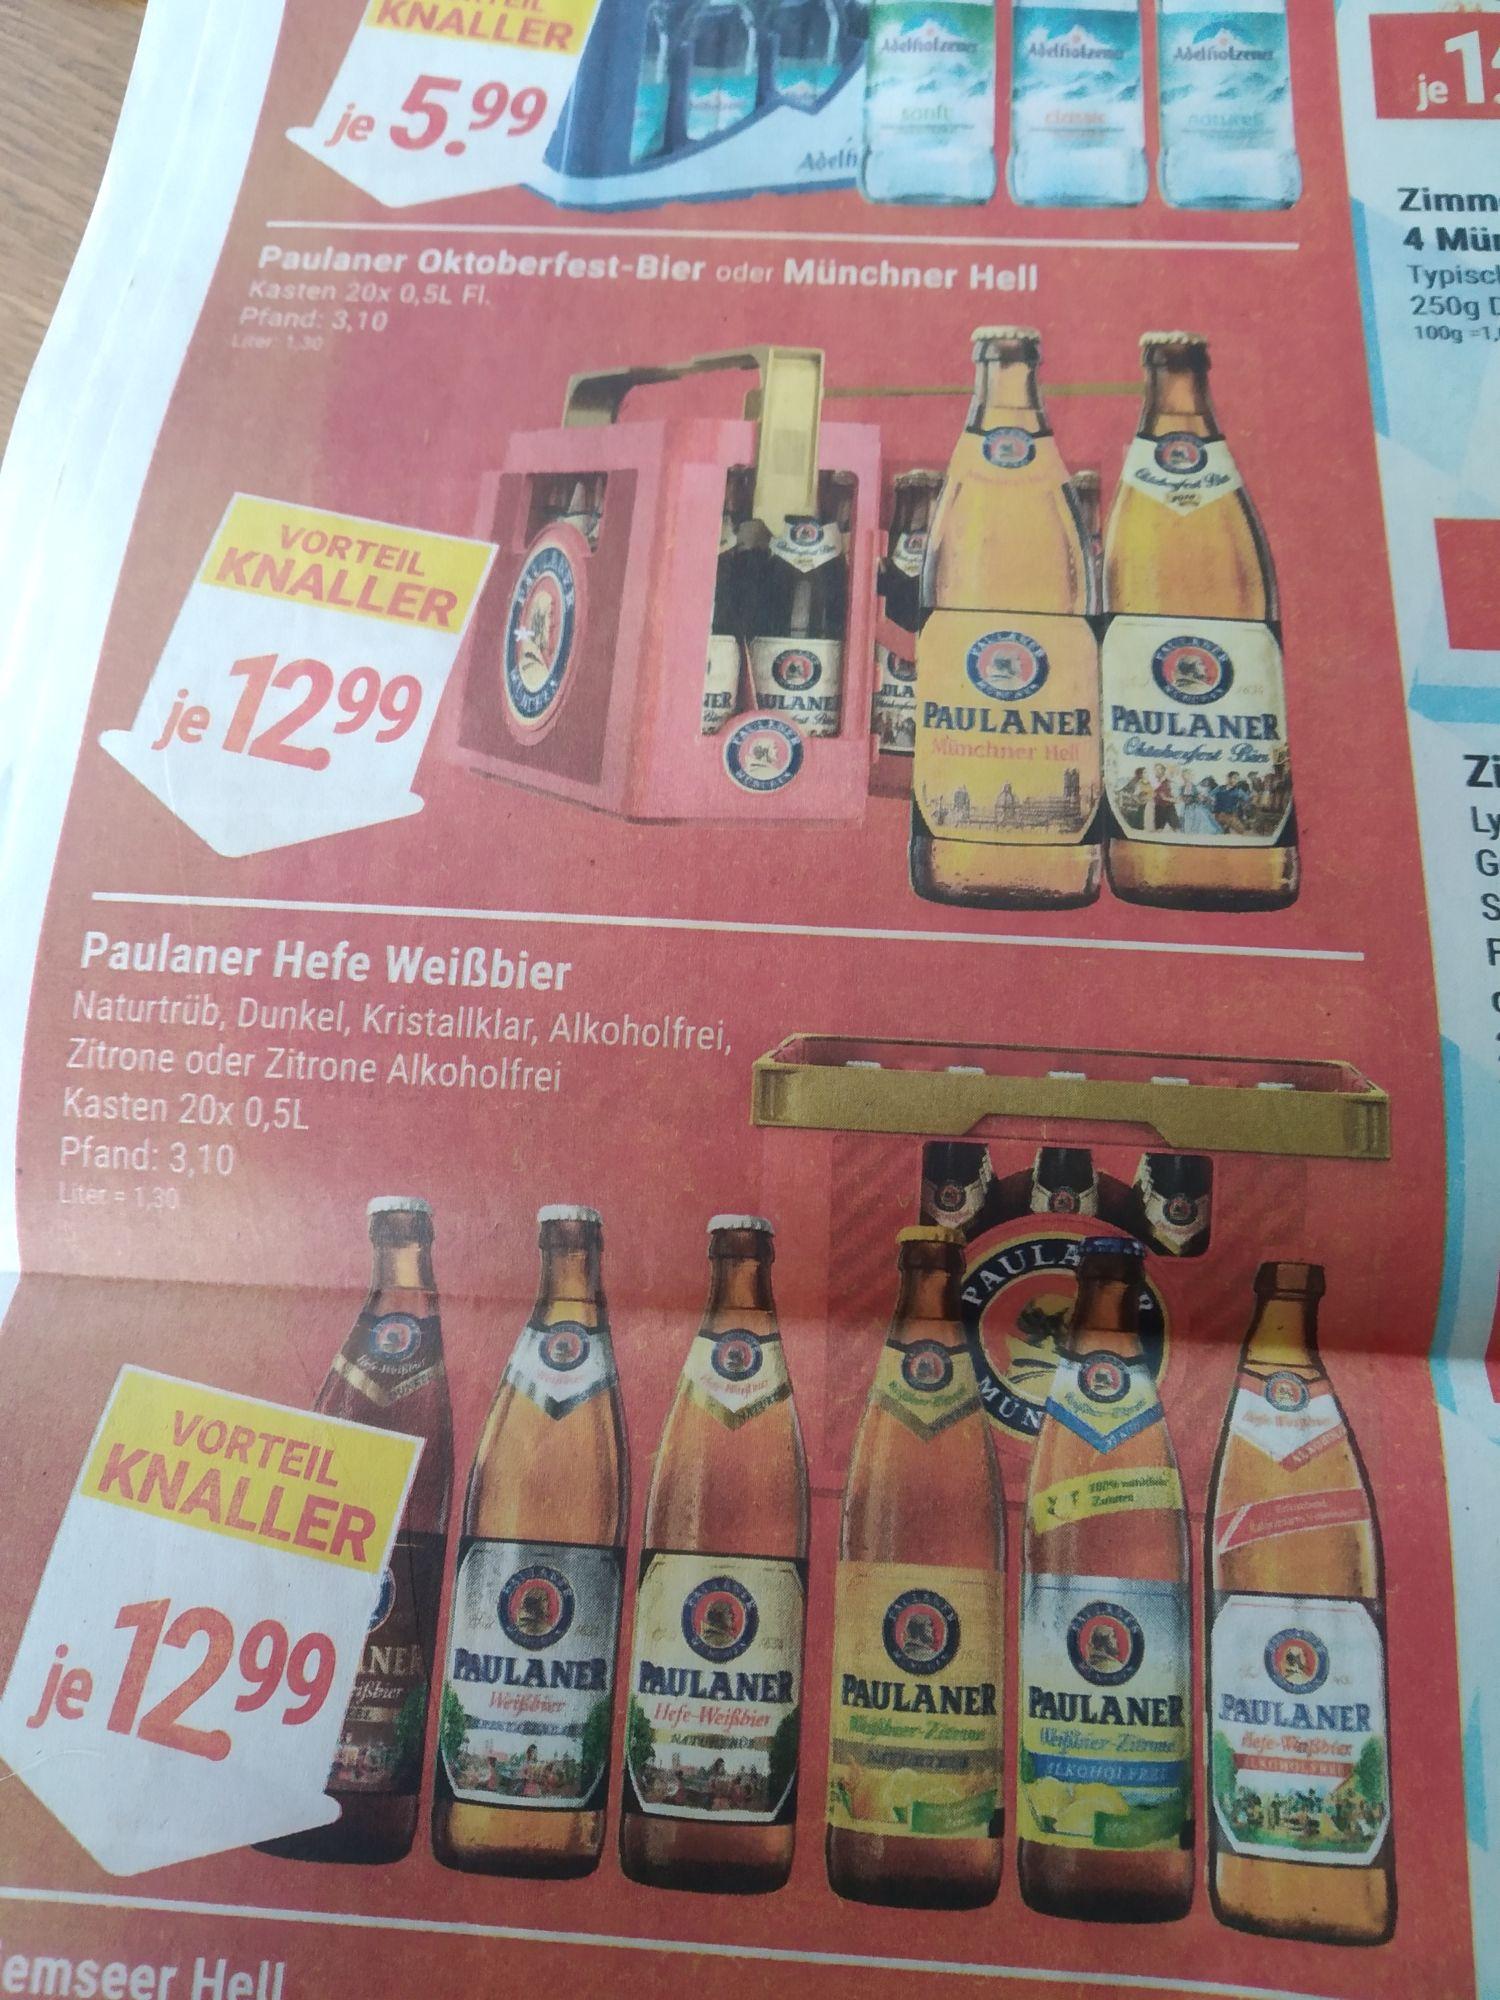 Paulaner Oktoberfest Bier, Hell - Vorteil Center Asbach, Unkel und Aegidienberg [Lokal]